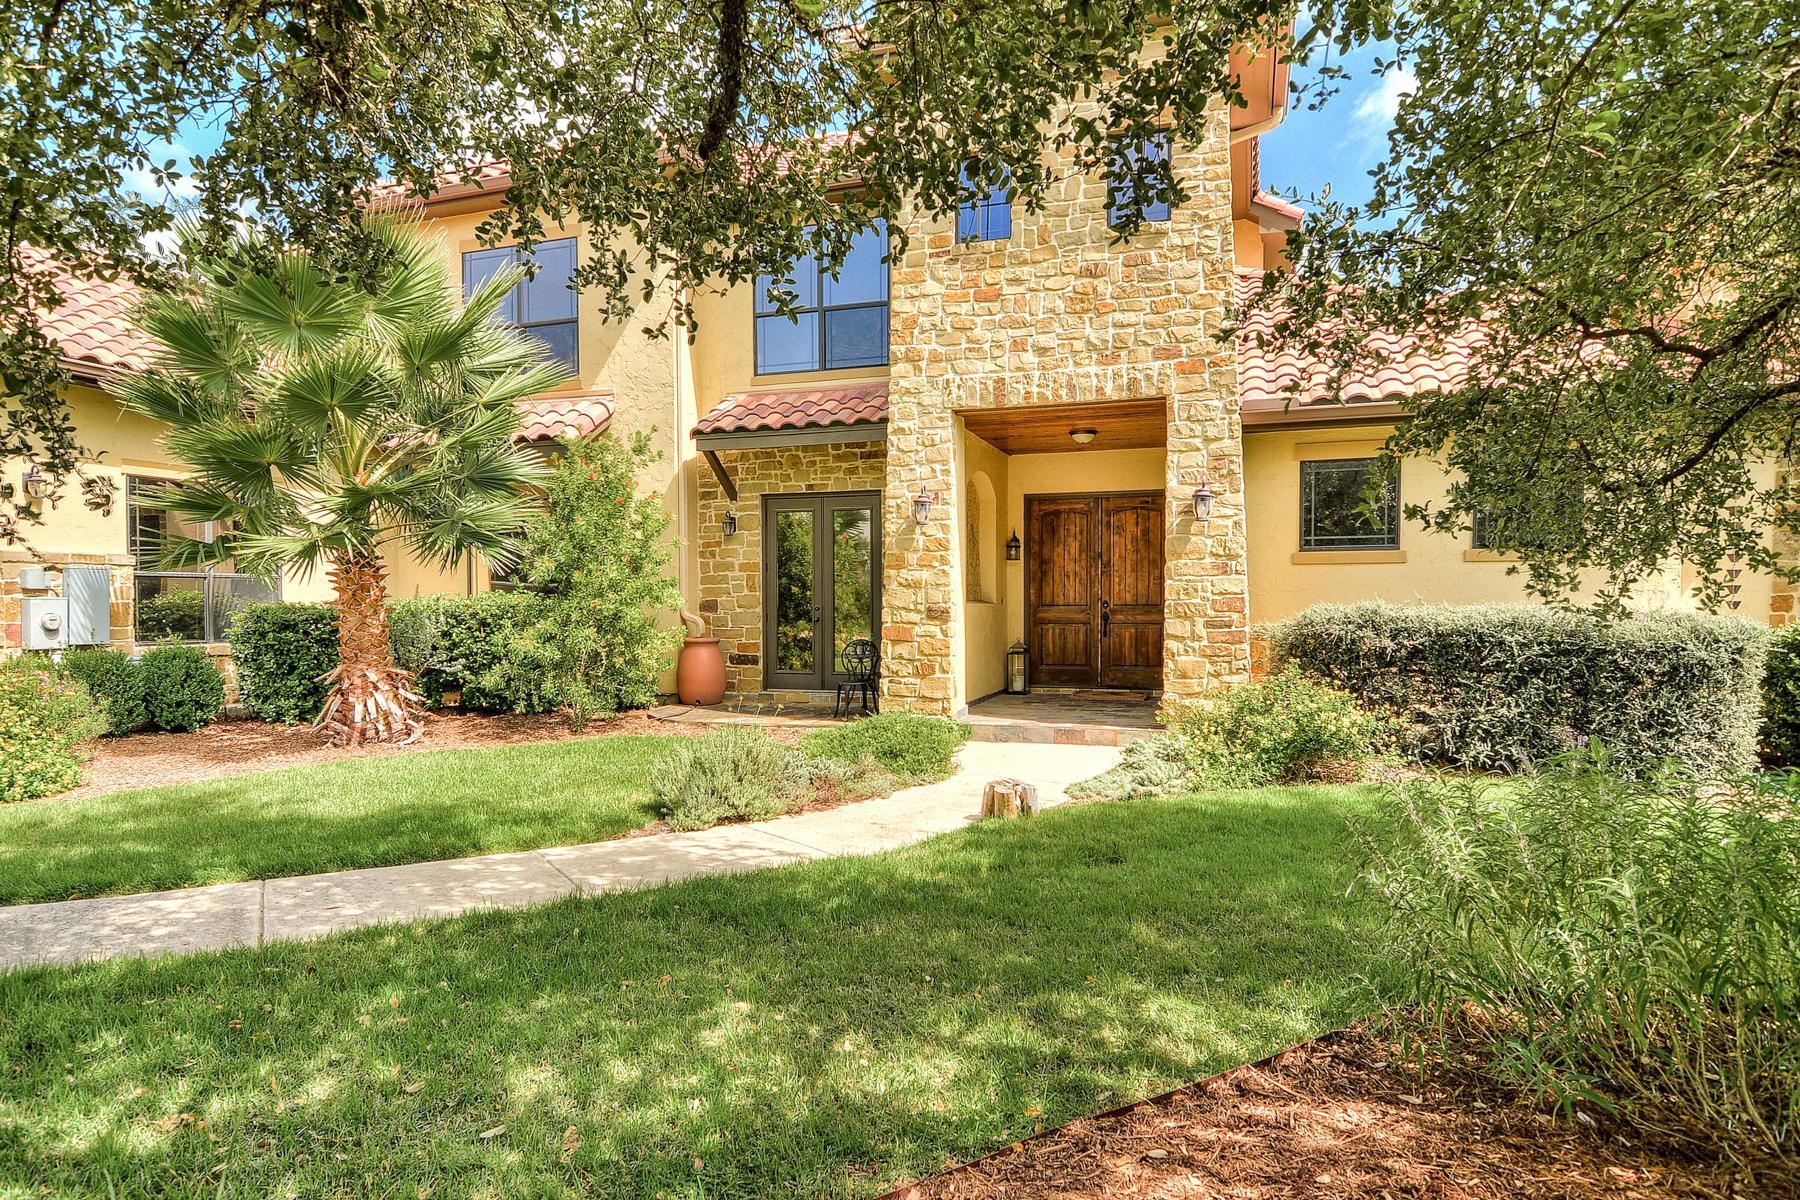 Casa Unifamiliar por un Venta en Fabulous Mediterranean Home in Menger Springs 108 Cabin Springs Boerne, Texas 78006 Estados Unidos